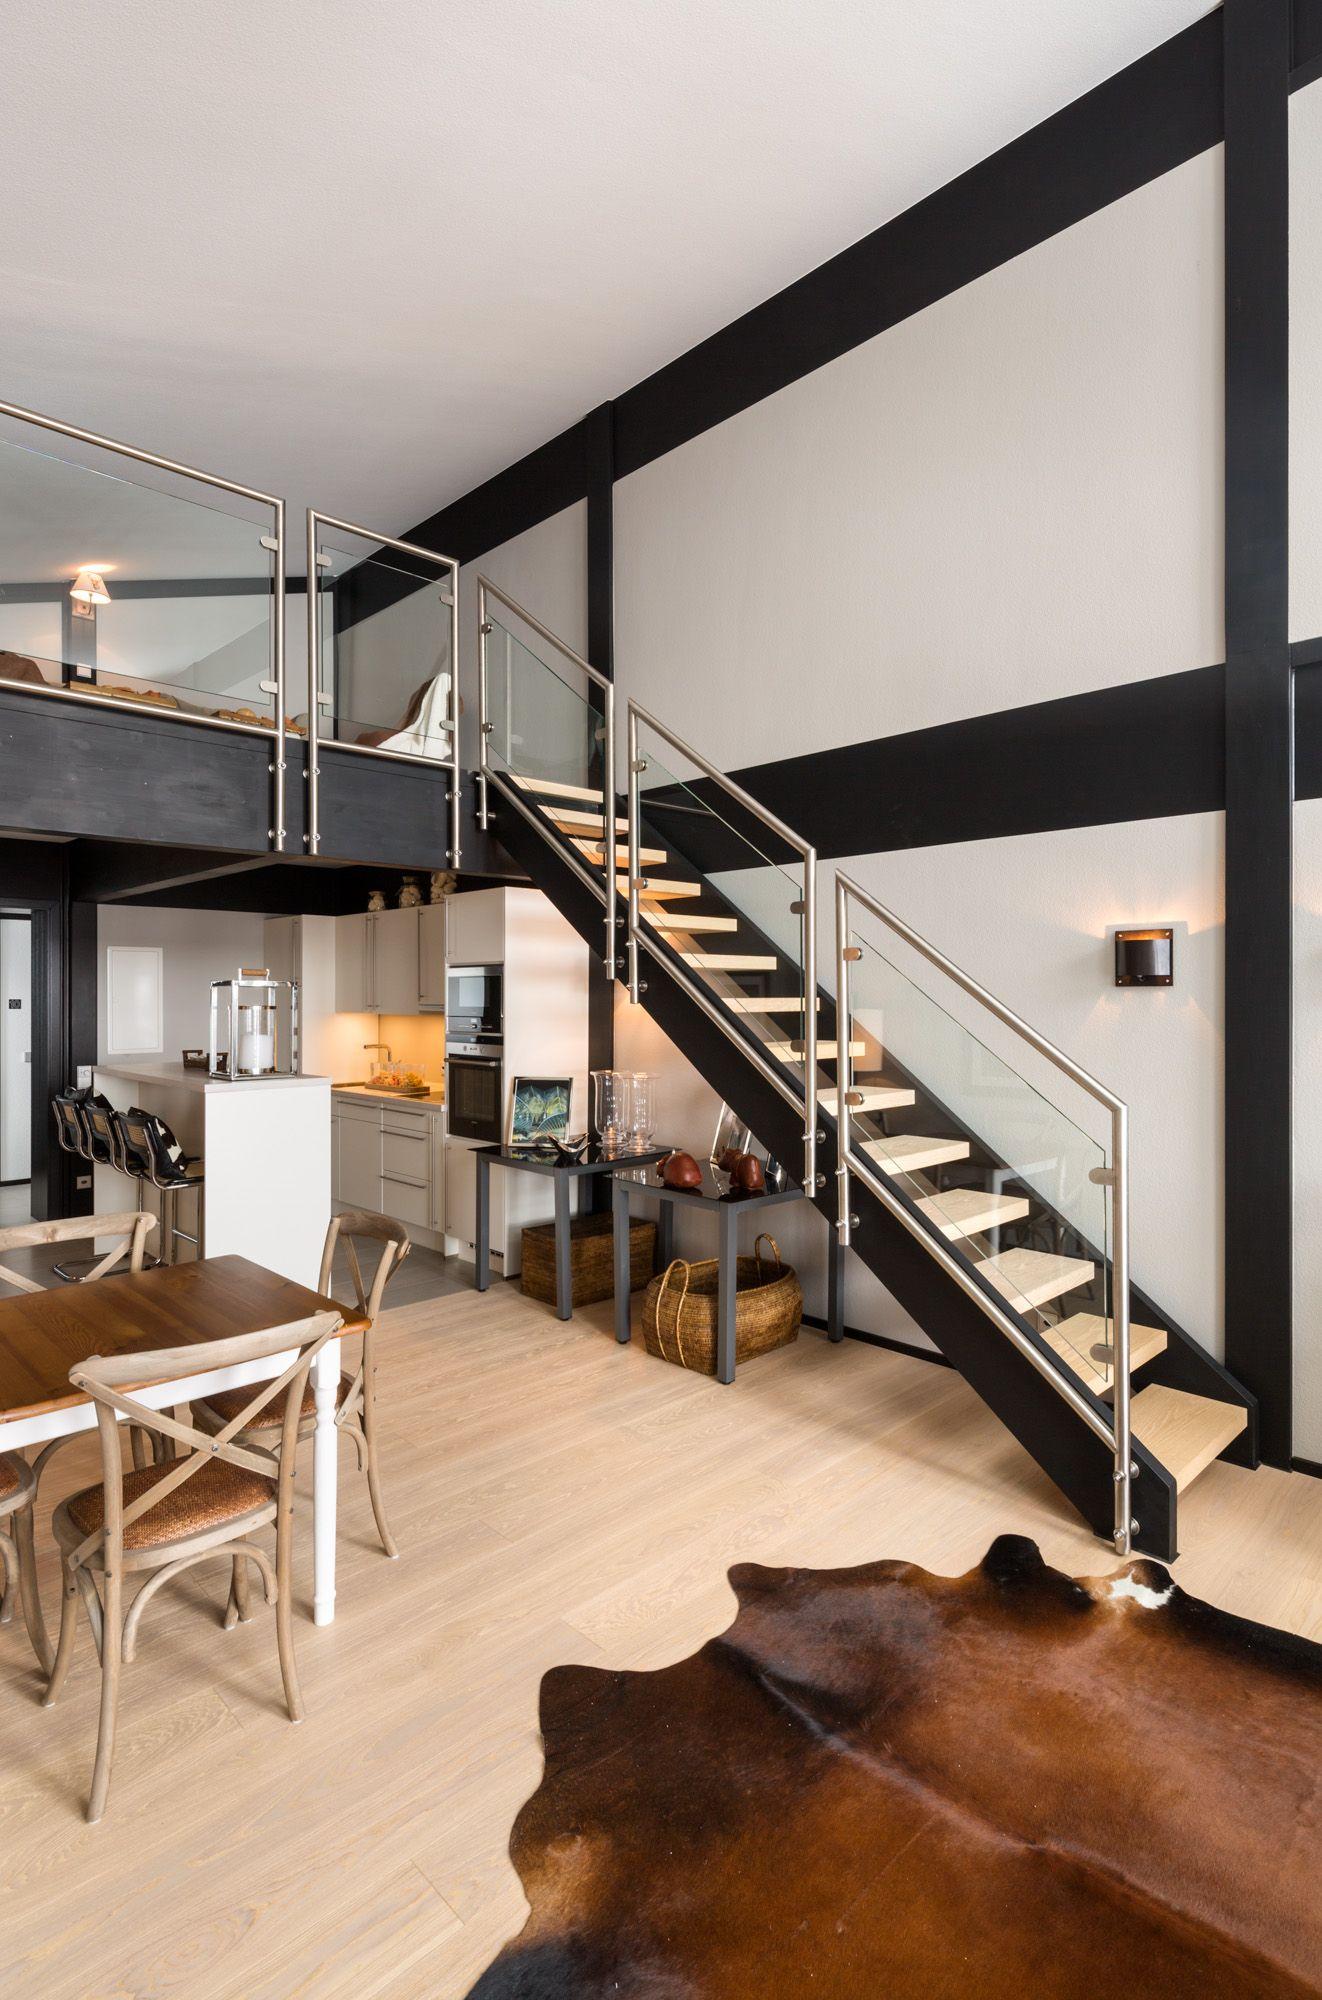 eigenwilligen Wohn und Zweckbauten nicht Halt macht stellt DAVINCI HAUS hier in eindrucksvoller Weise unter Beweis Treppe im Zusammenspiel